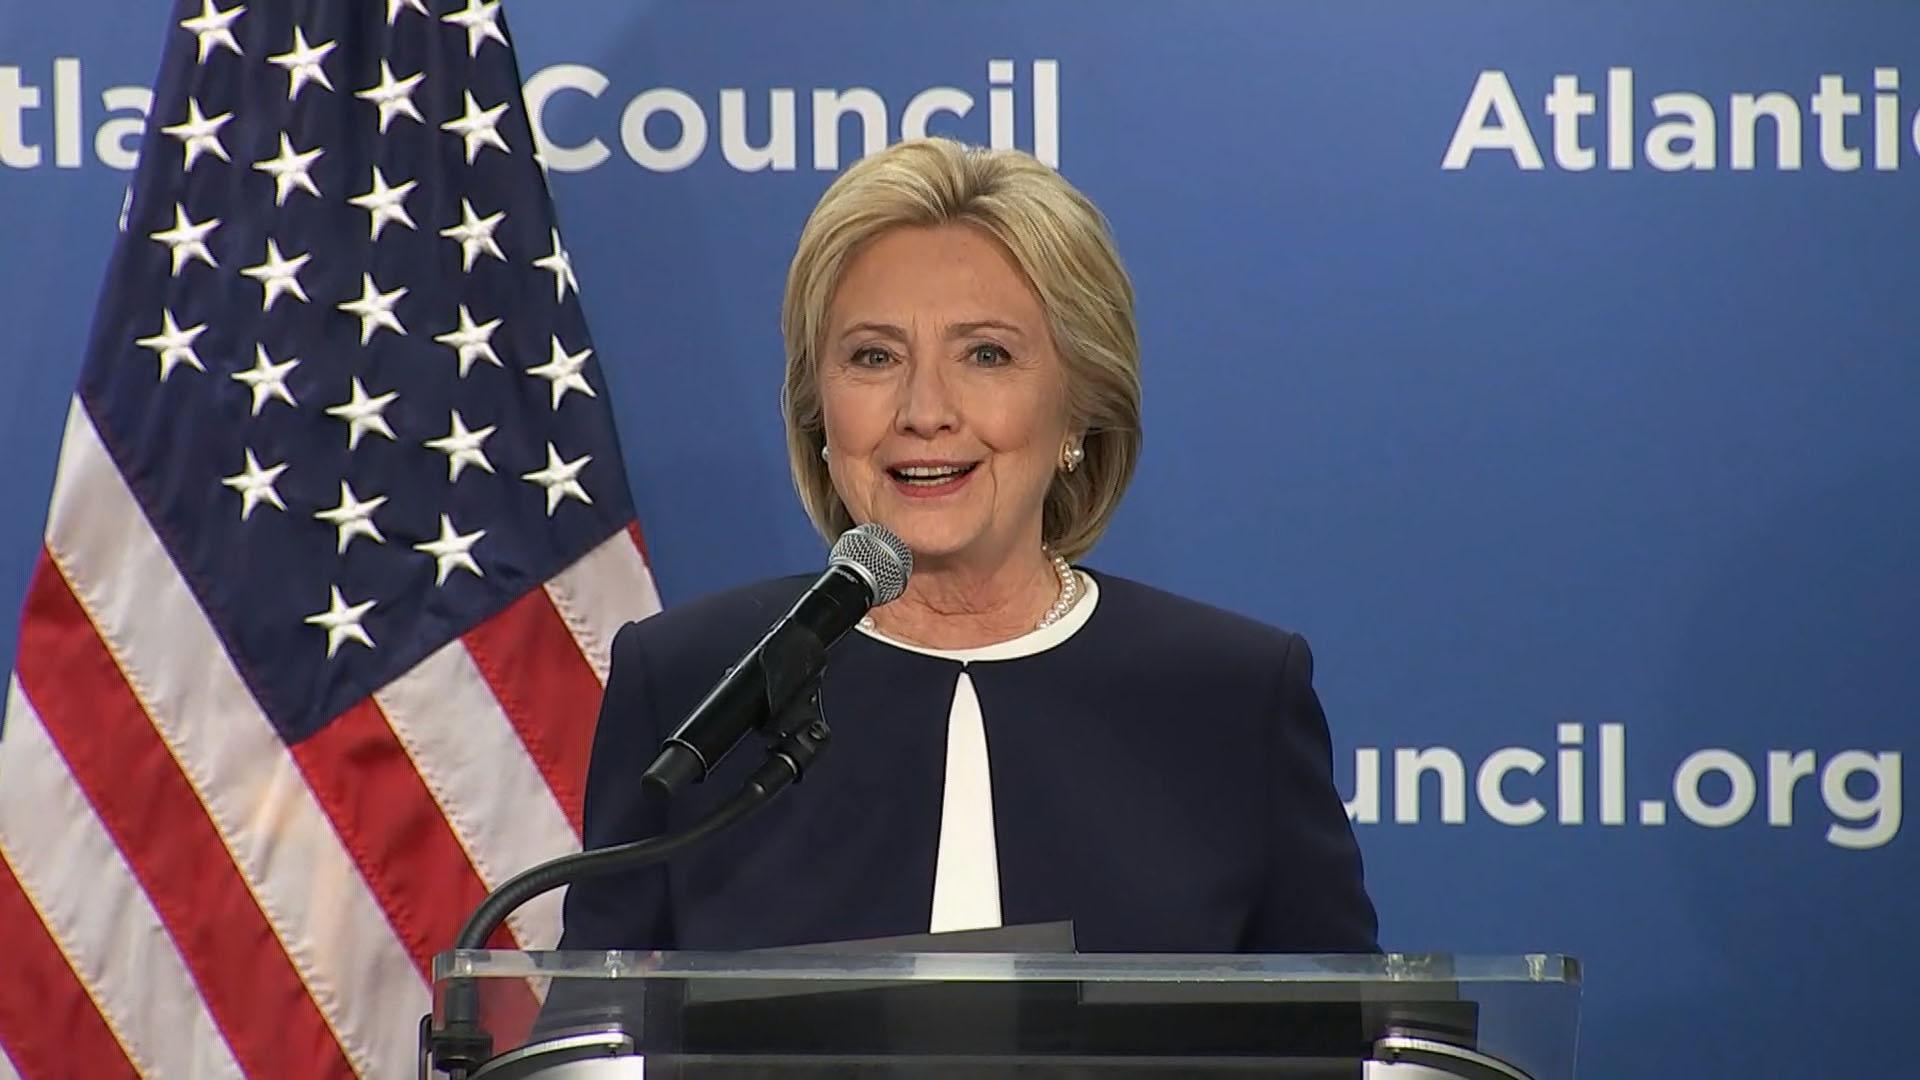 Clinton on women leaders in Latin America